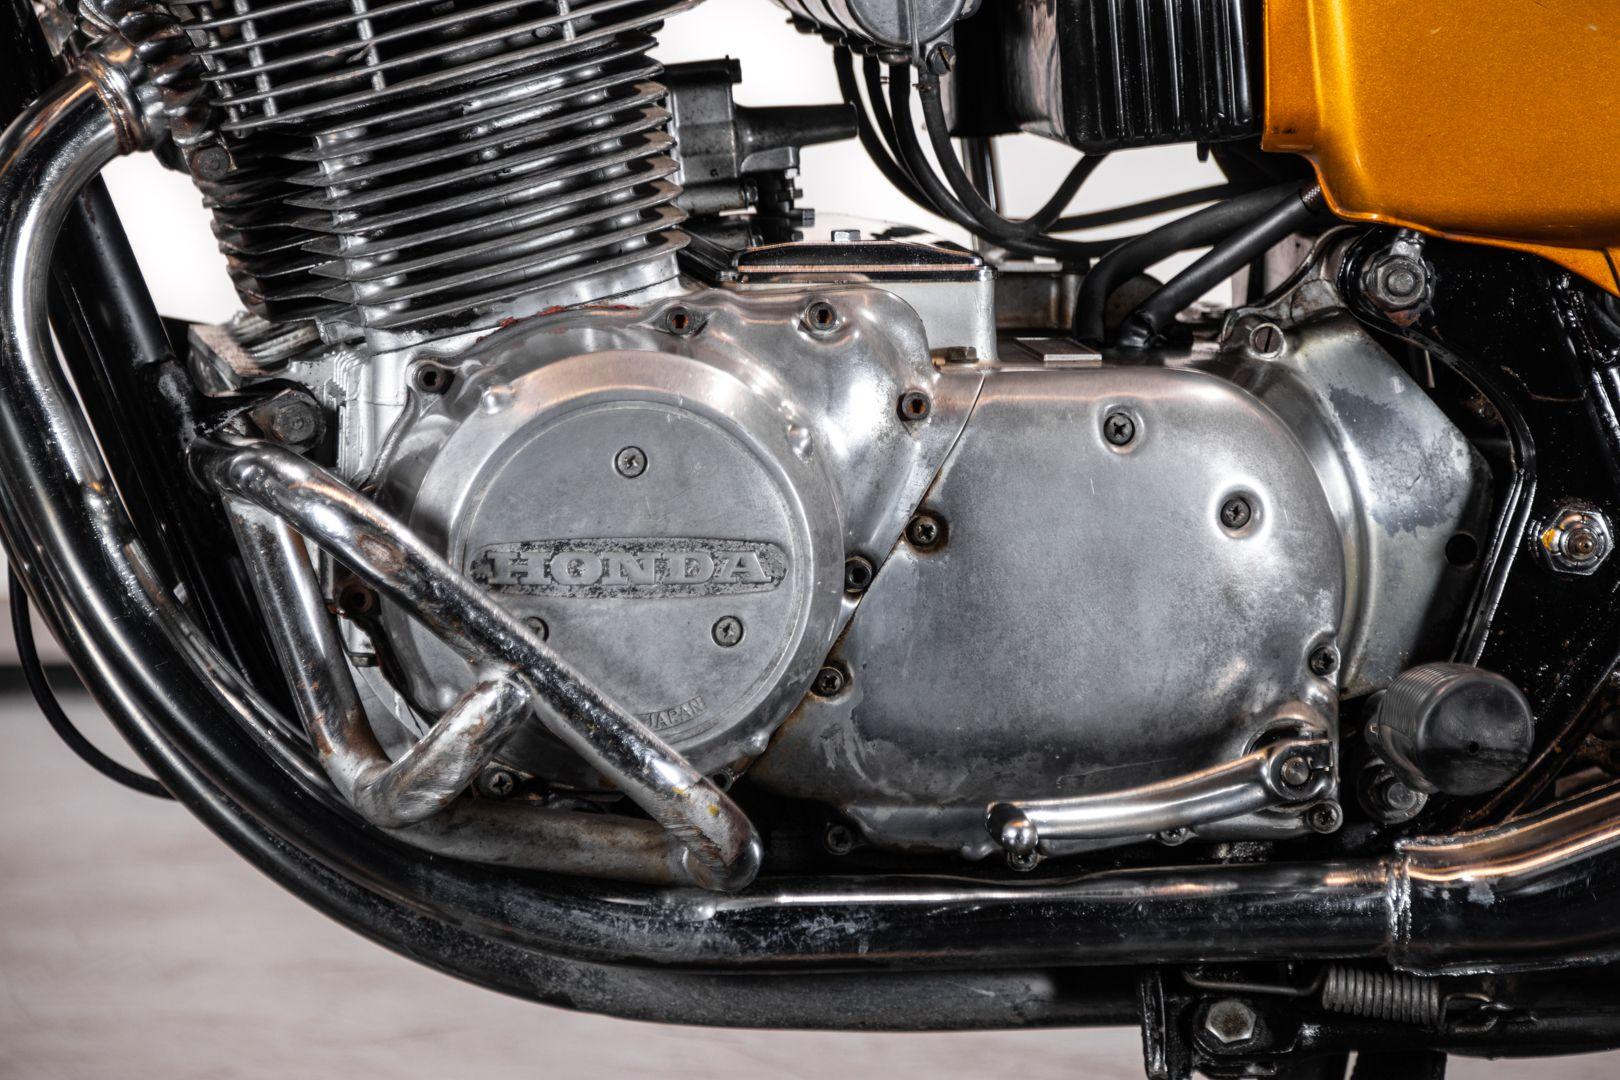 1972 Honda CB 750 Four 67820